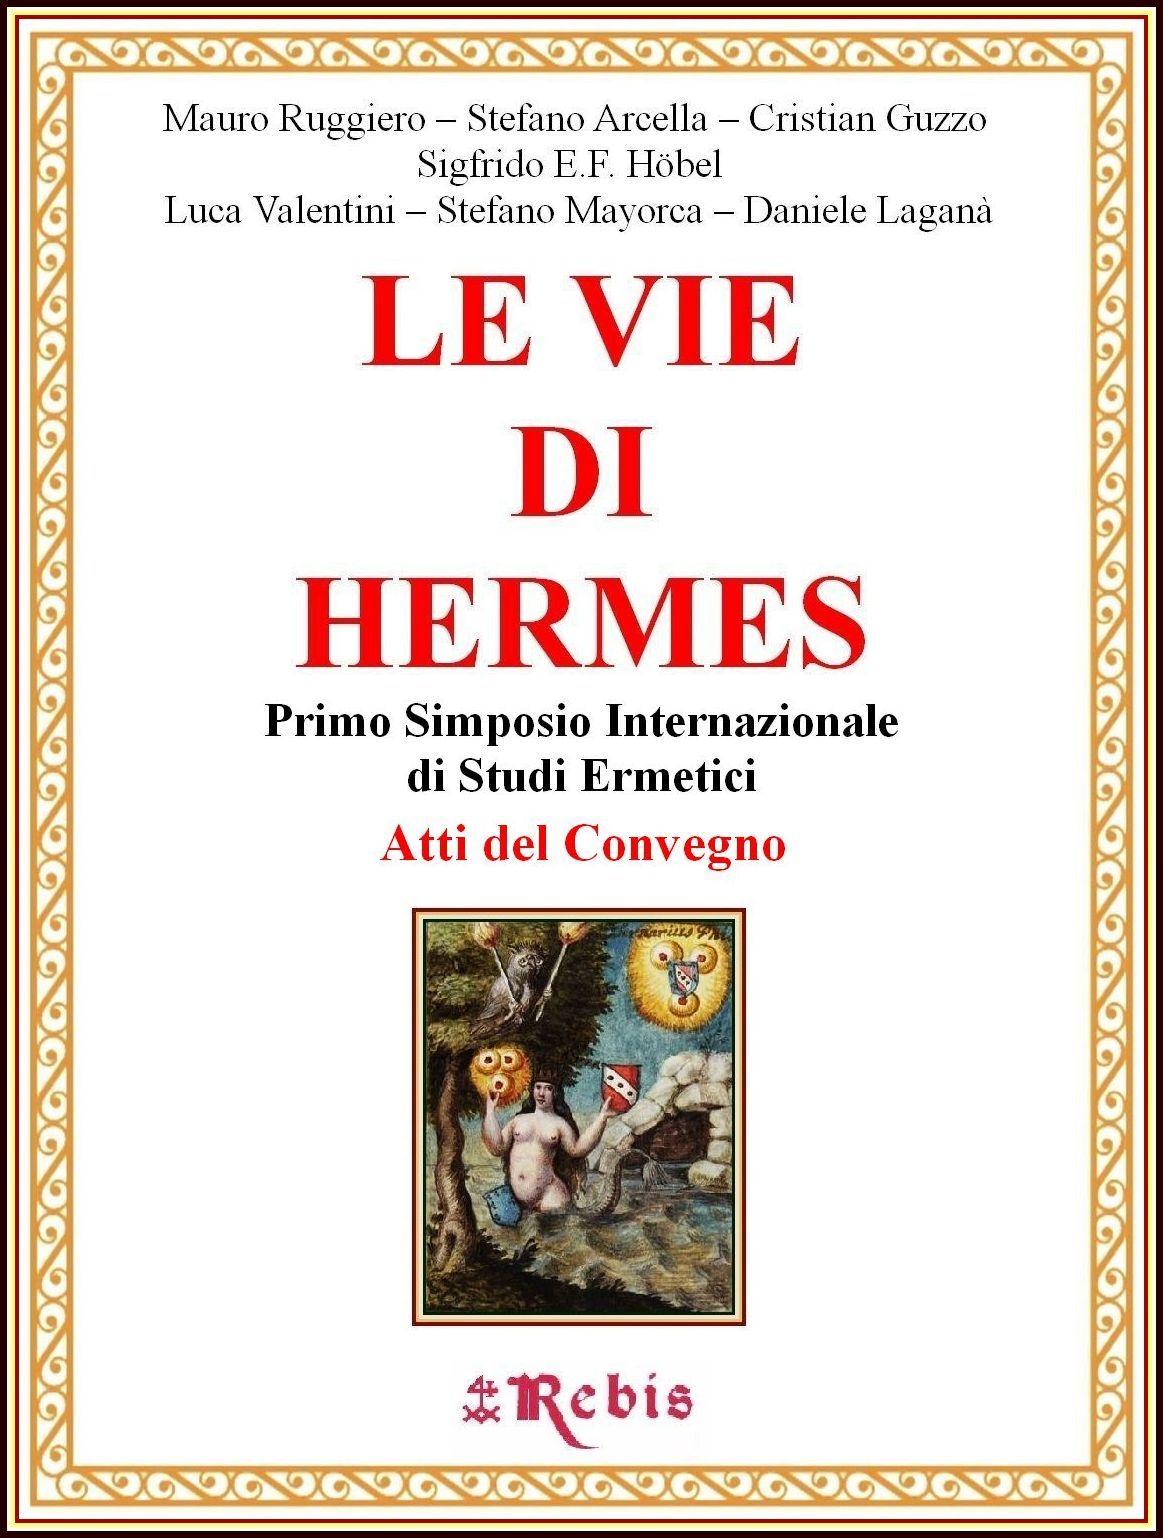 Le Vie di HERMES – La Sapienza Ermetica a Napoli ed in Europa